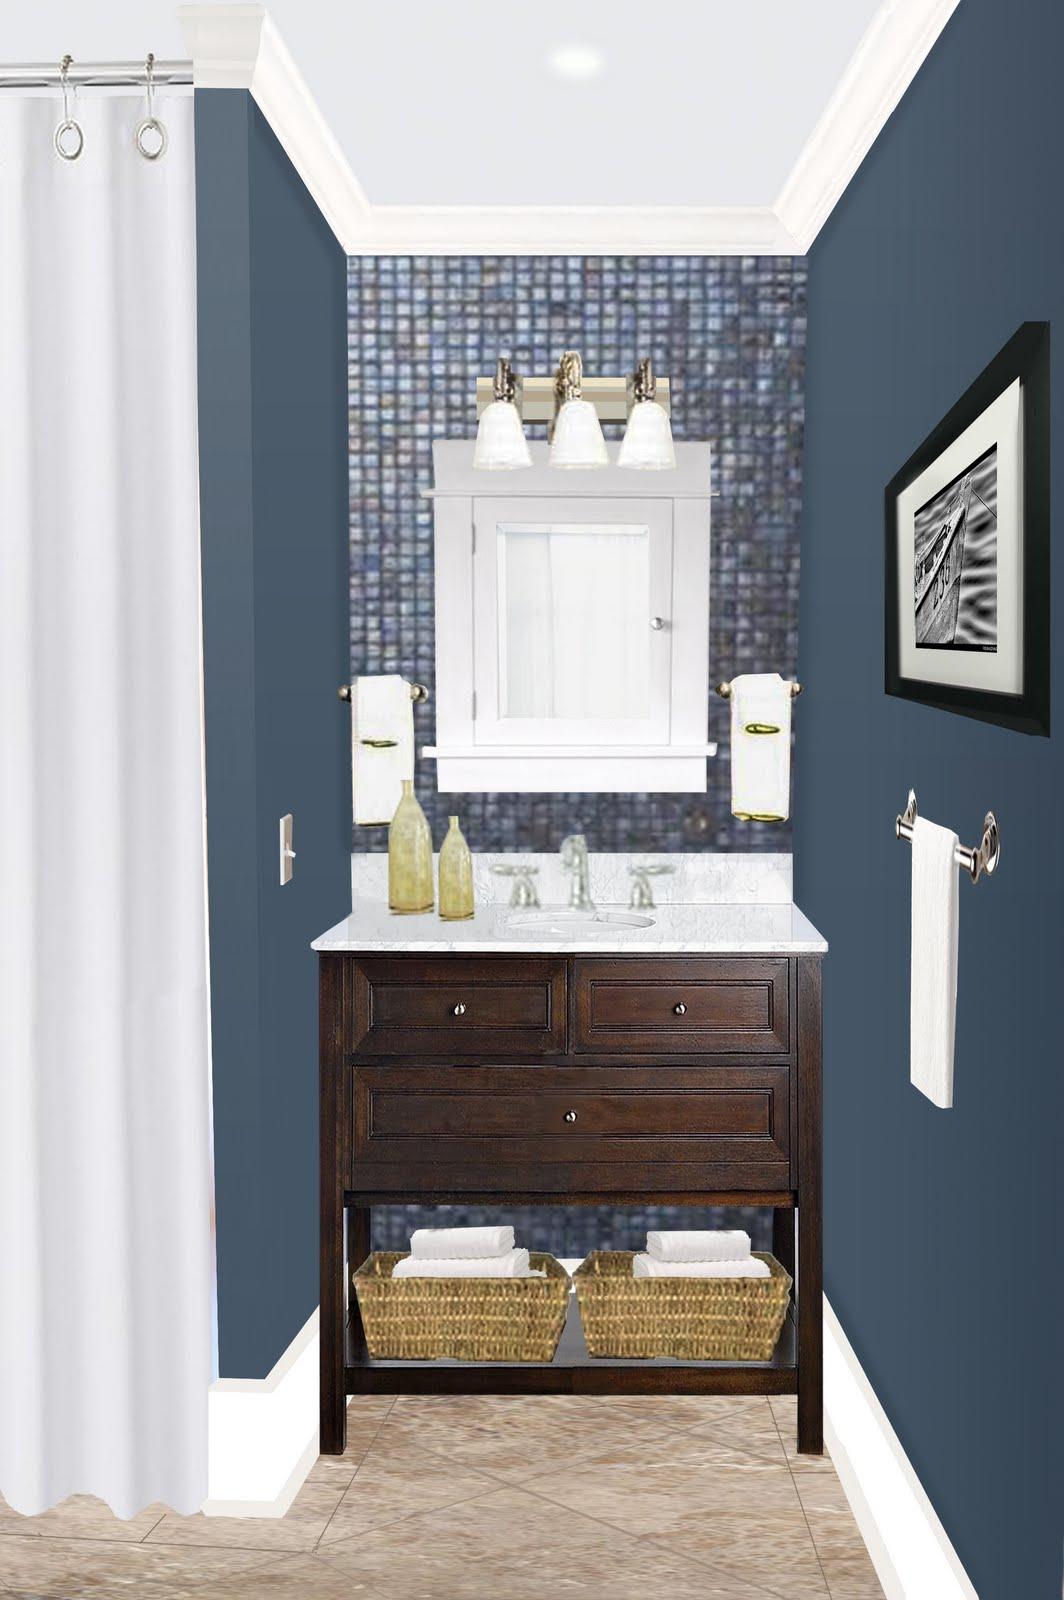 Hirondelle Rustique: Photo Consultation: Bathroom Before ...